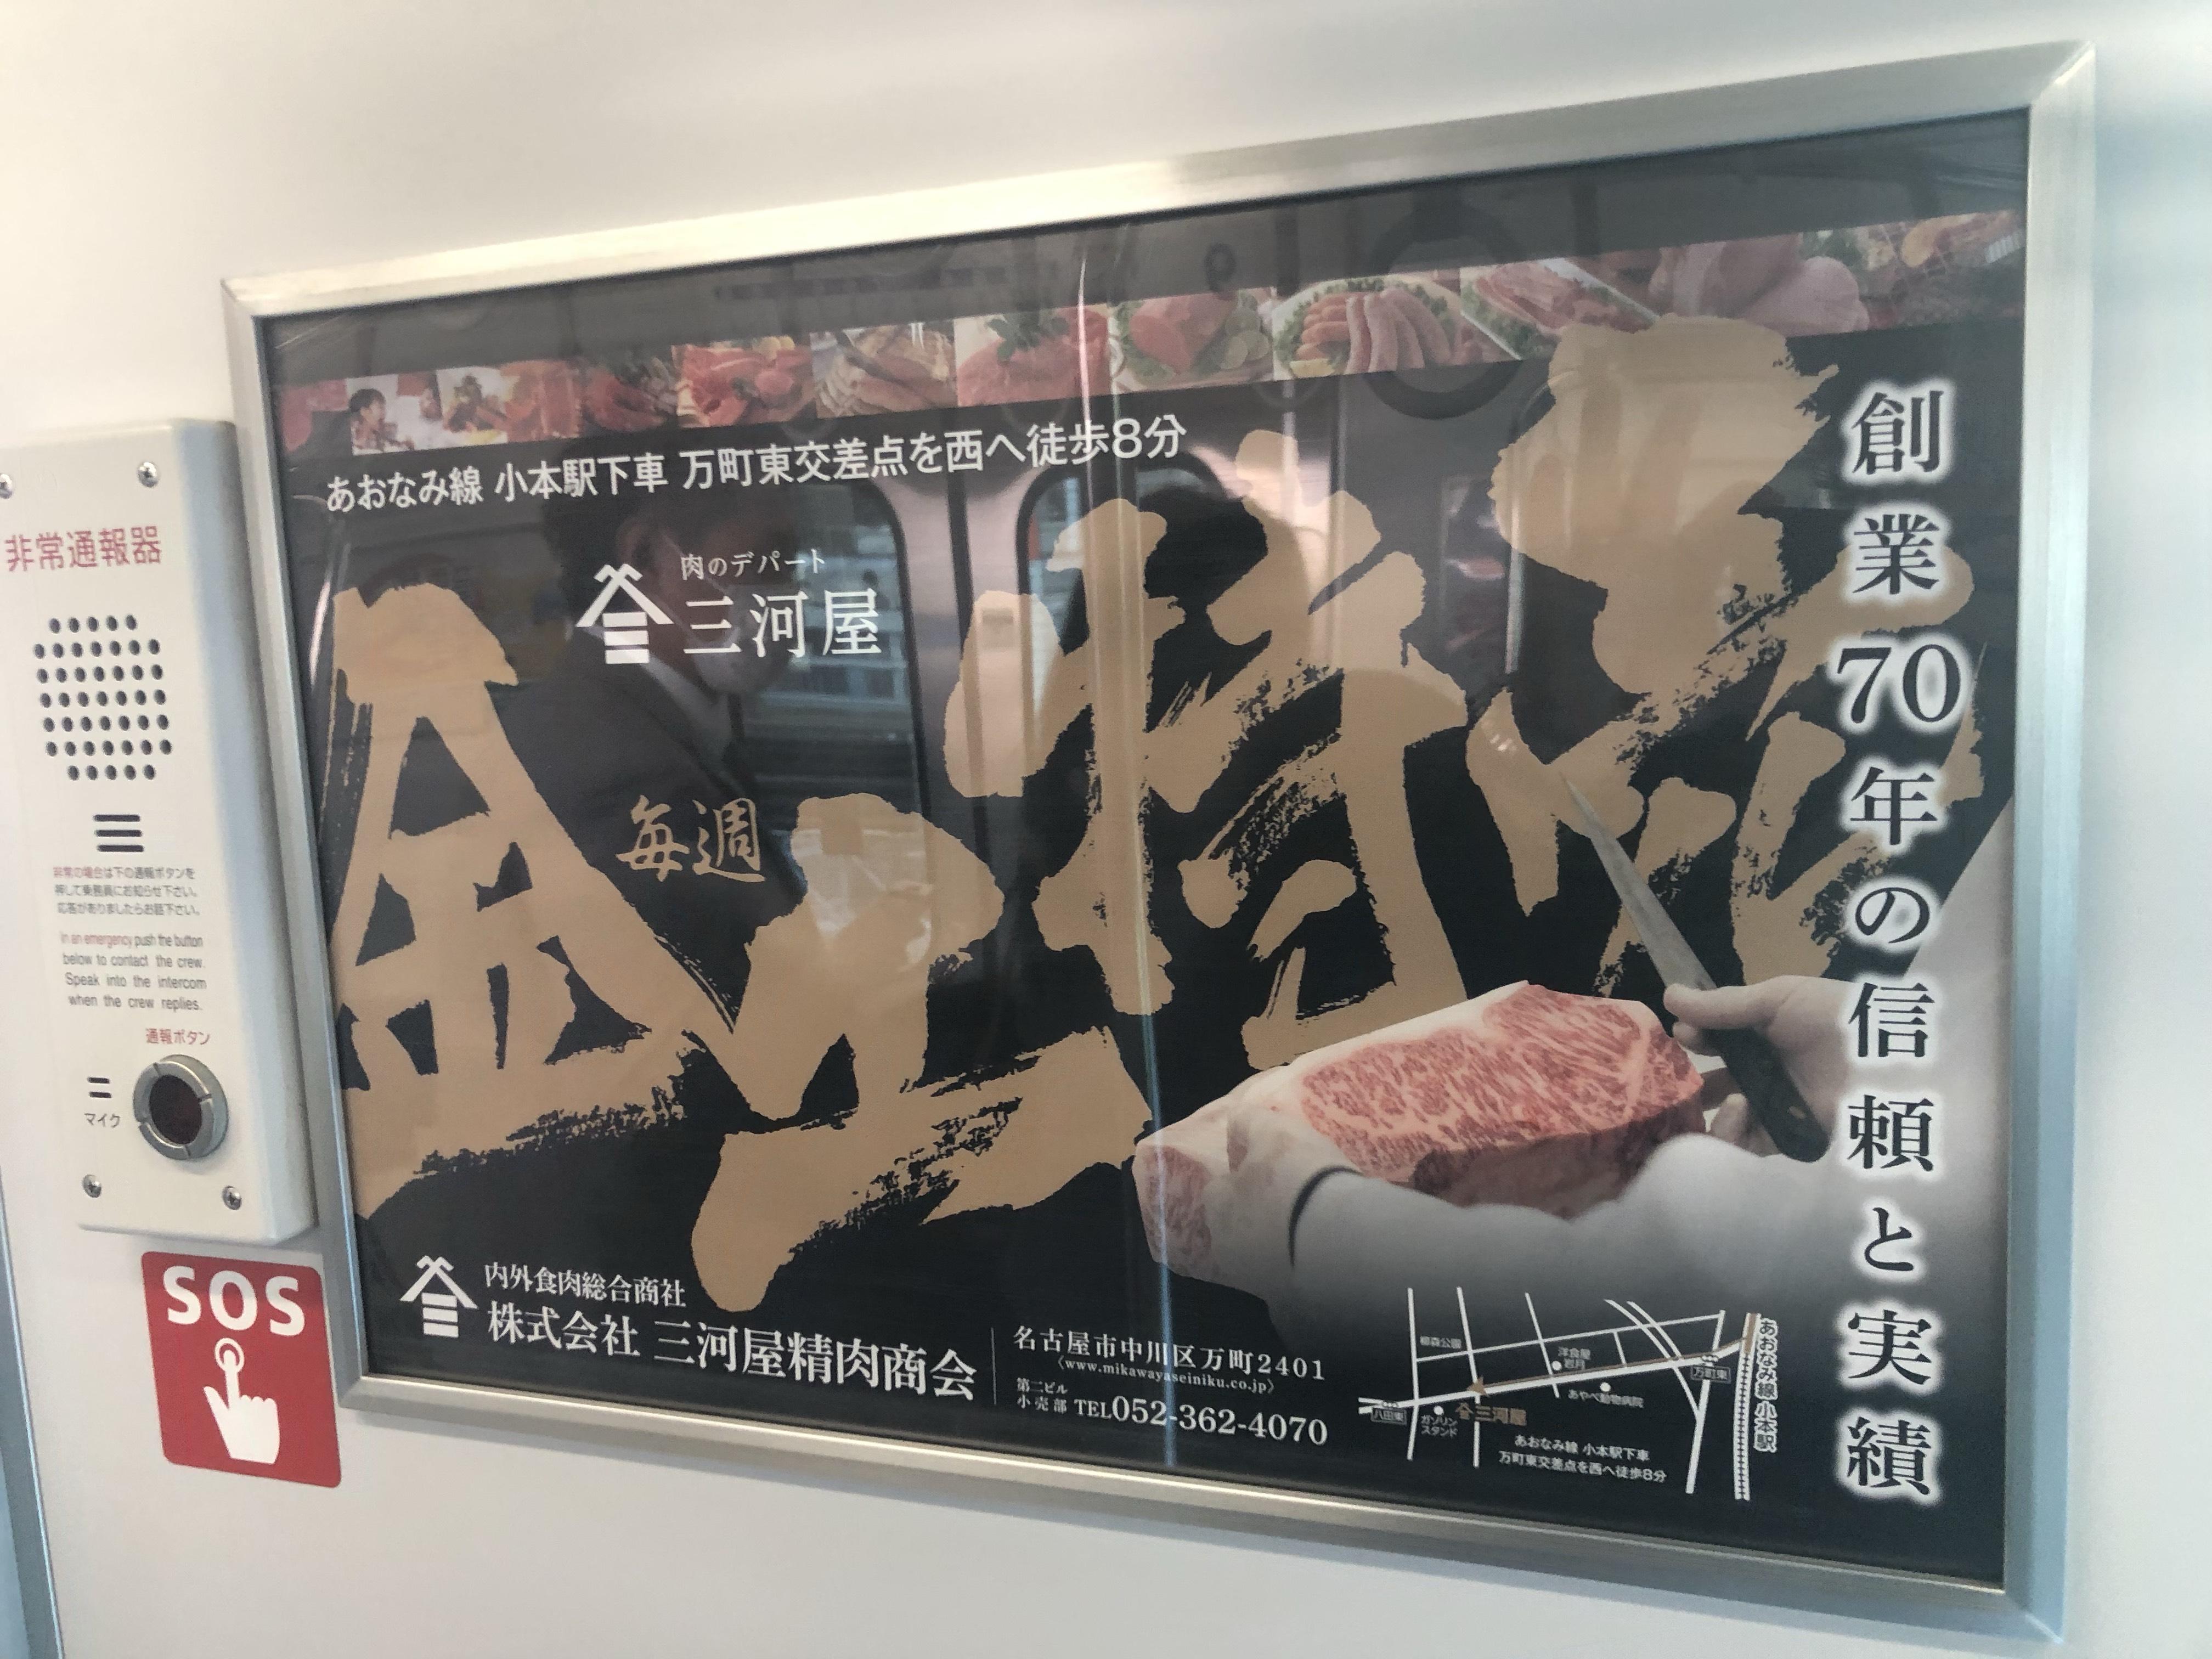 三河屋精肉商会 あおなみ線車内広告